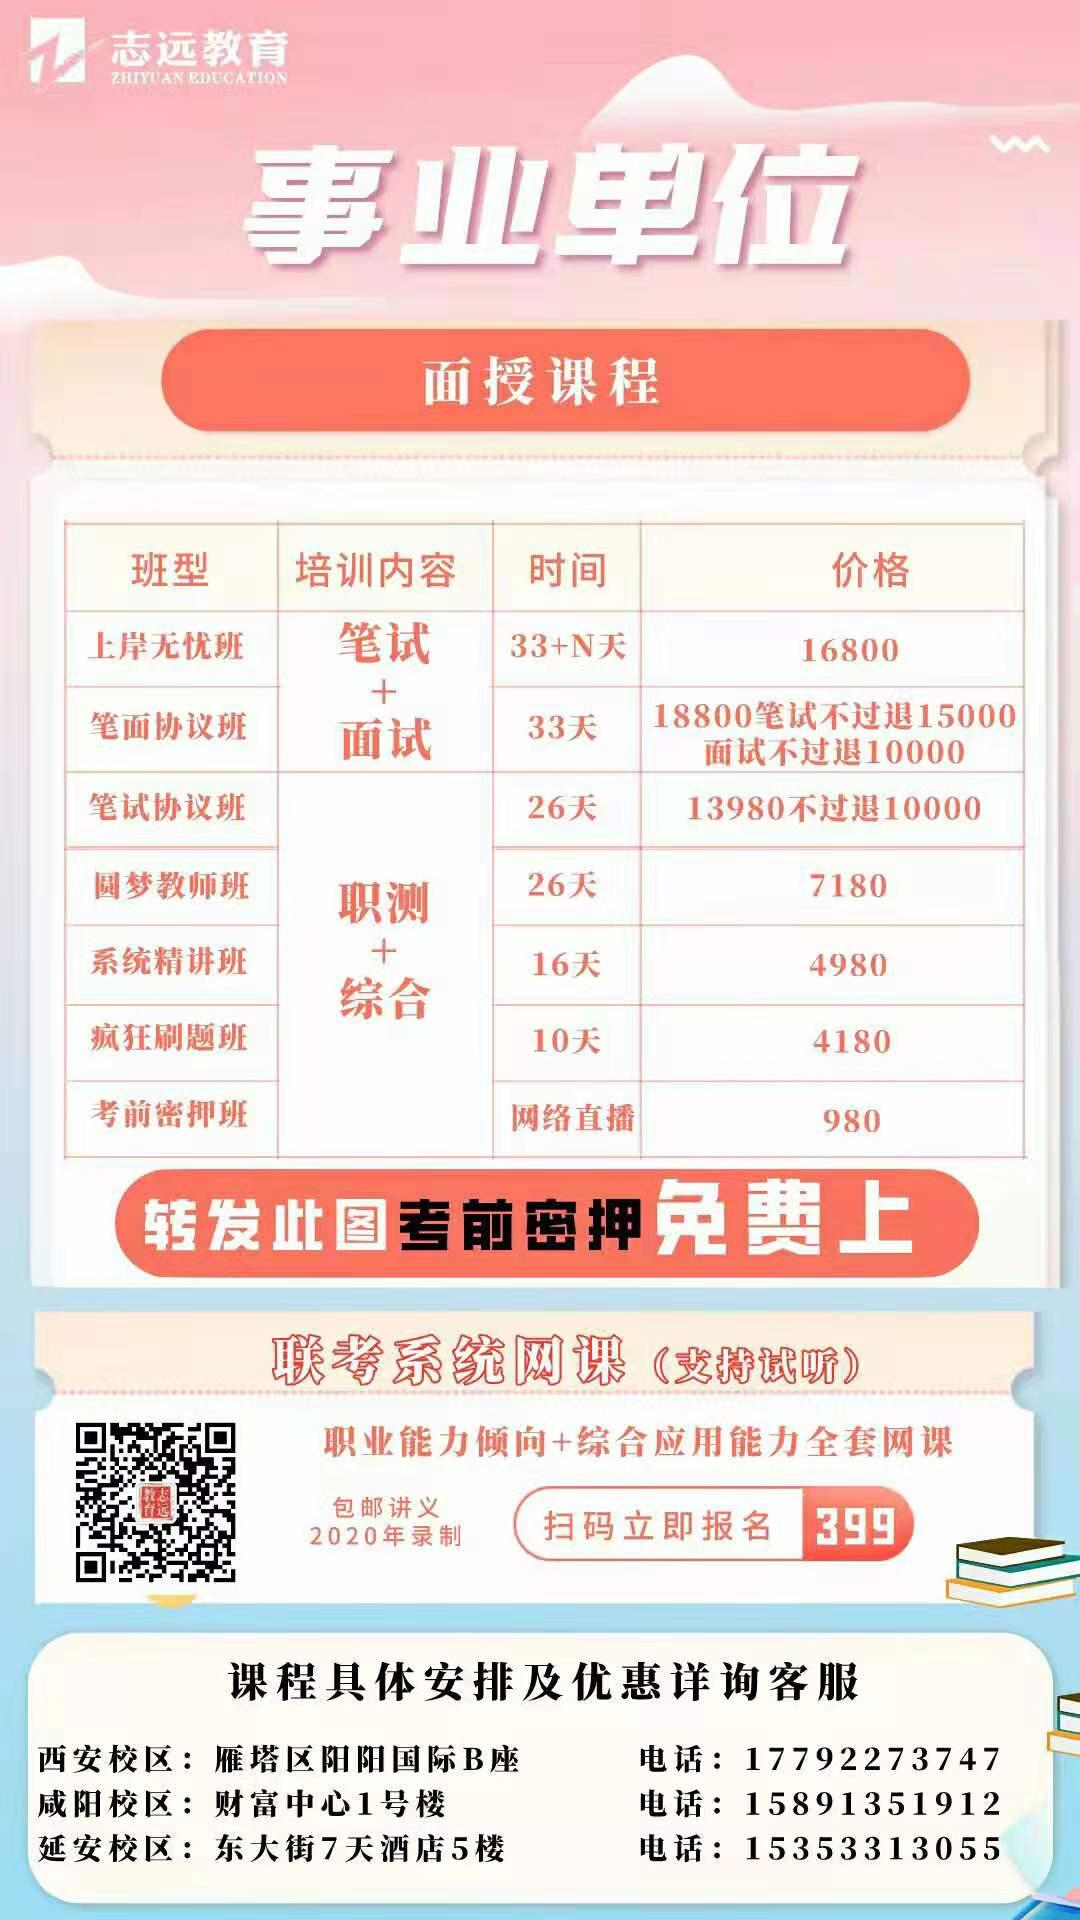 2021年陕西省事业单位公开招聘8598人公告发布——3月18日开始报名,4月11日笔试(汇总)(图5)